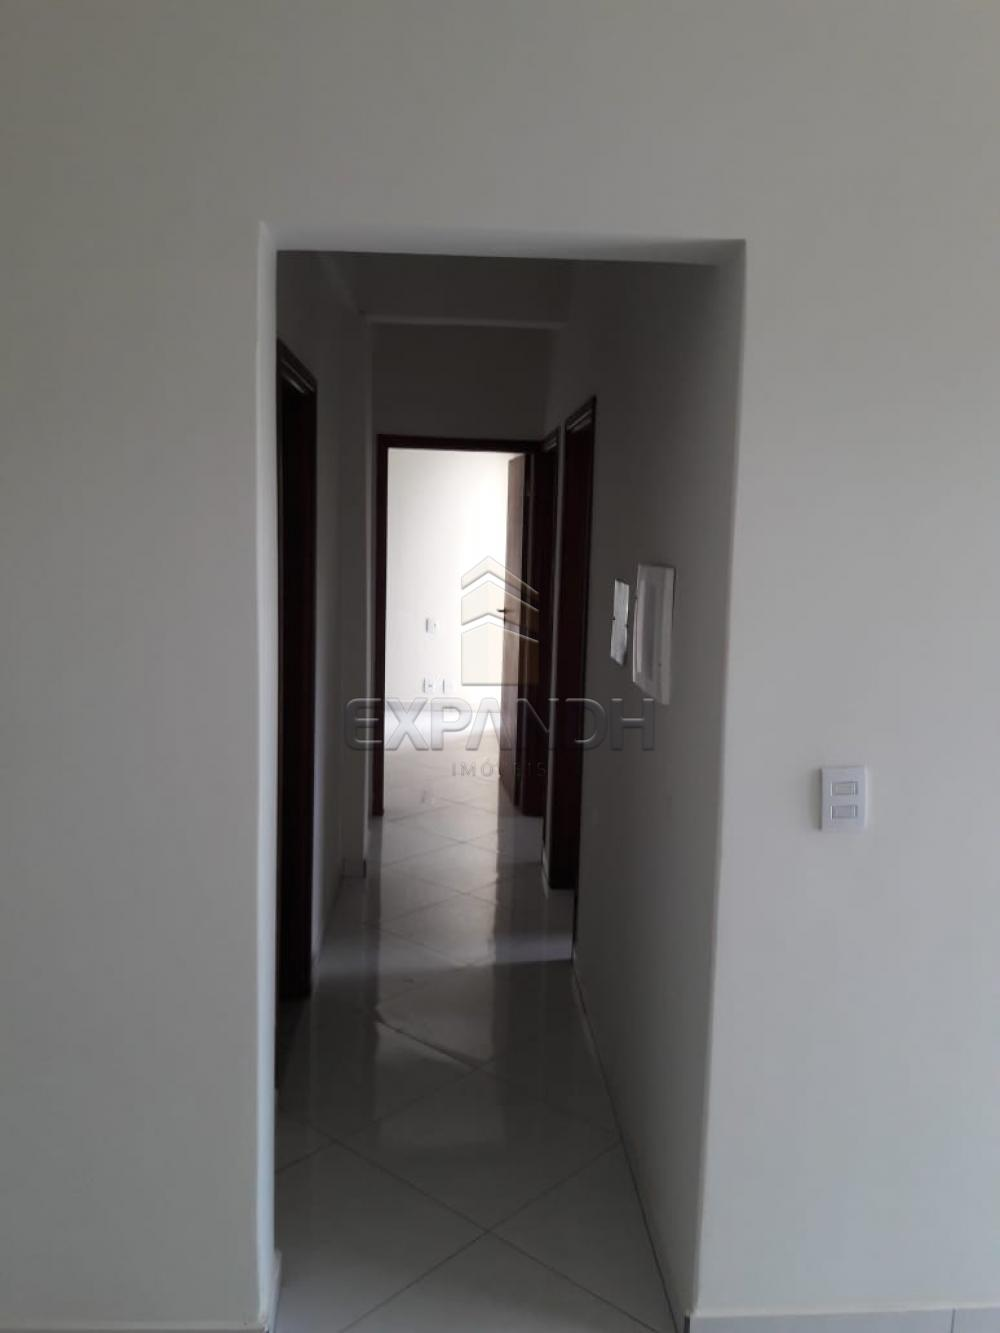 Comprar Apartamentos / Padrão em Sertãozinho R$ 280.000,00 - Foto 11